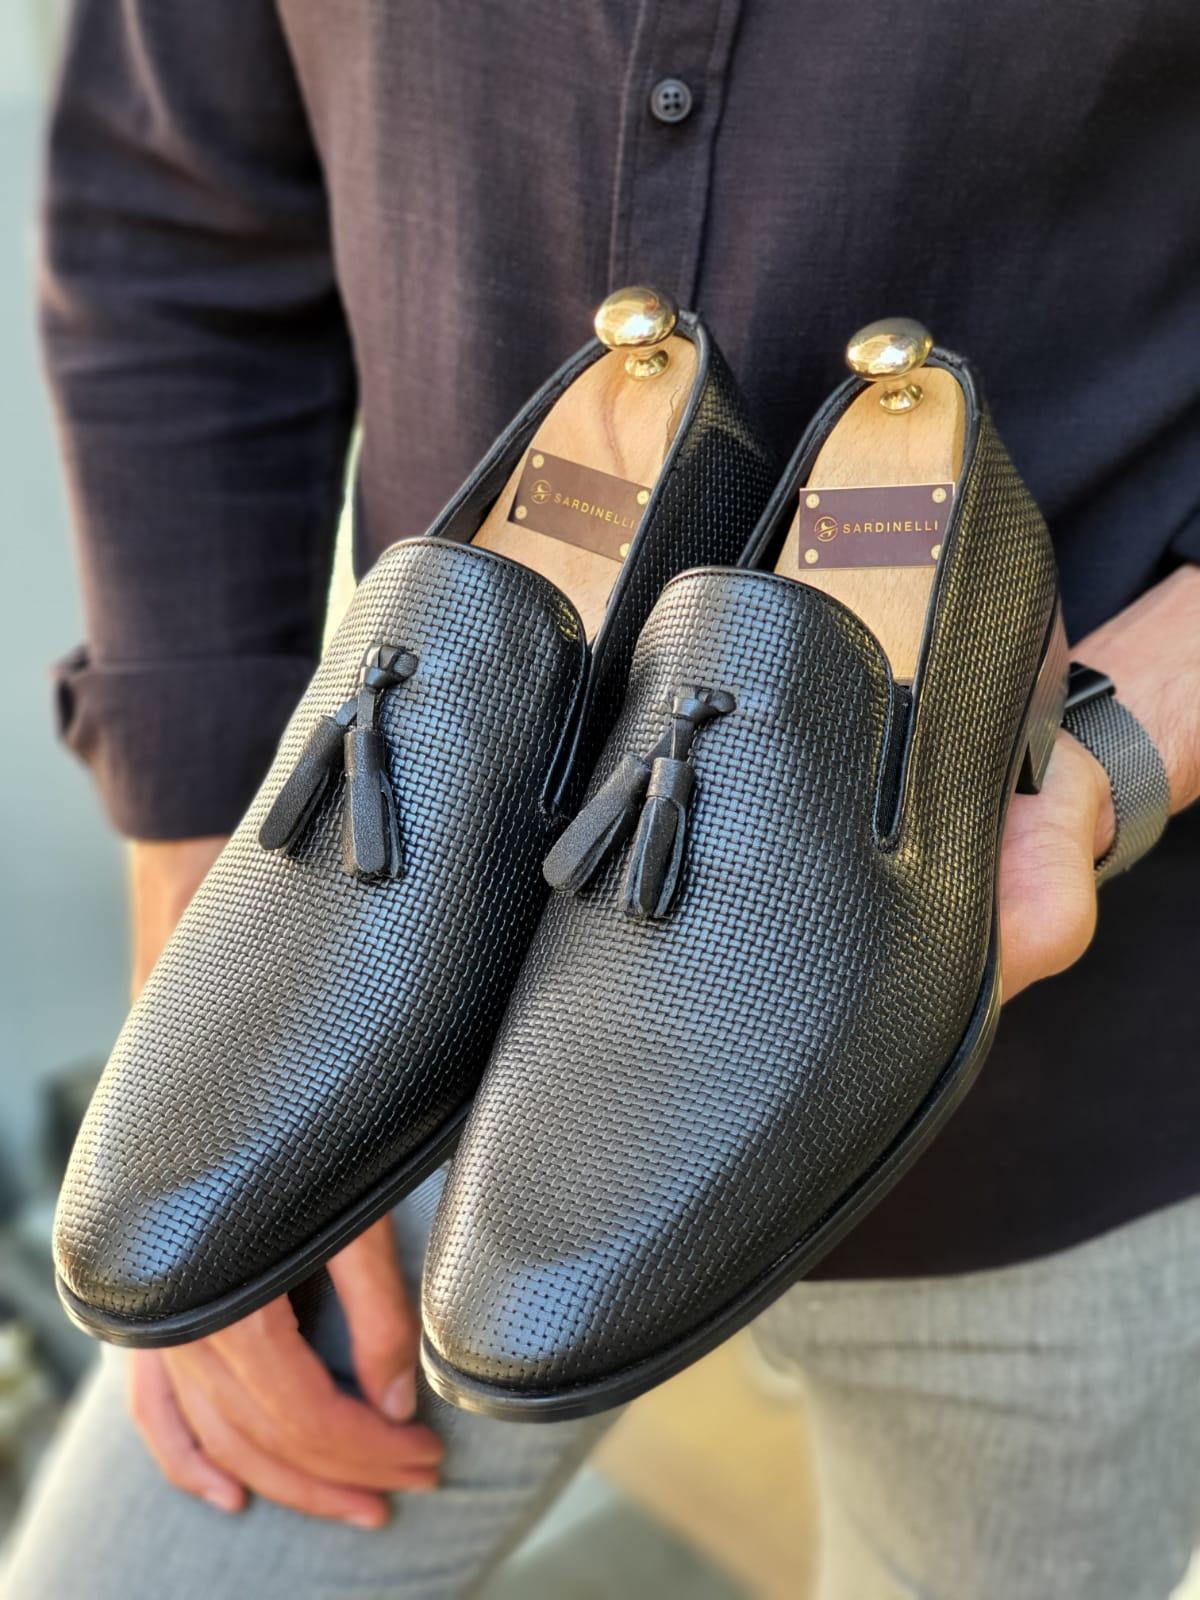 Aysoti Black Patterned Tassel Loafer